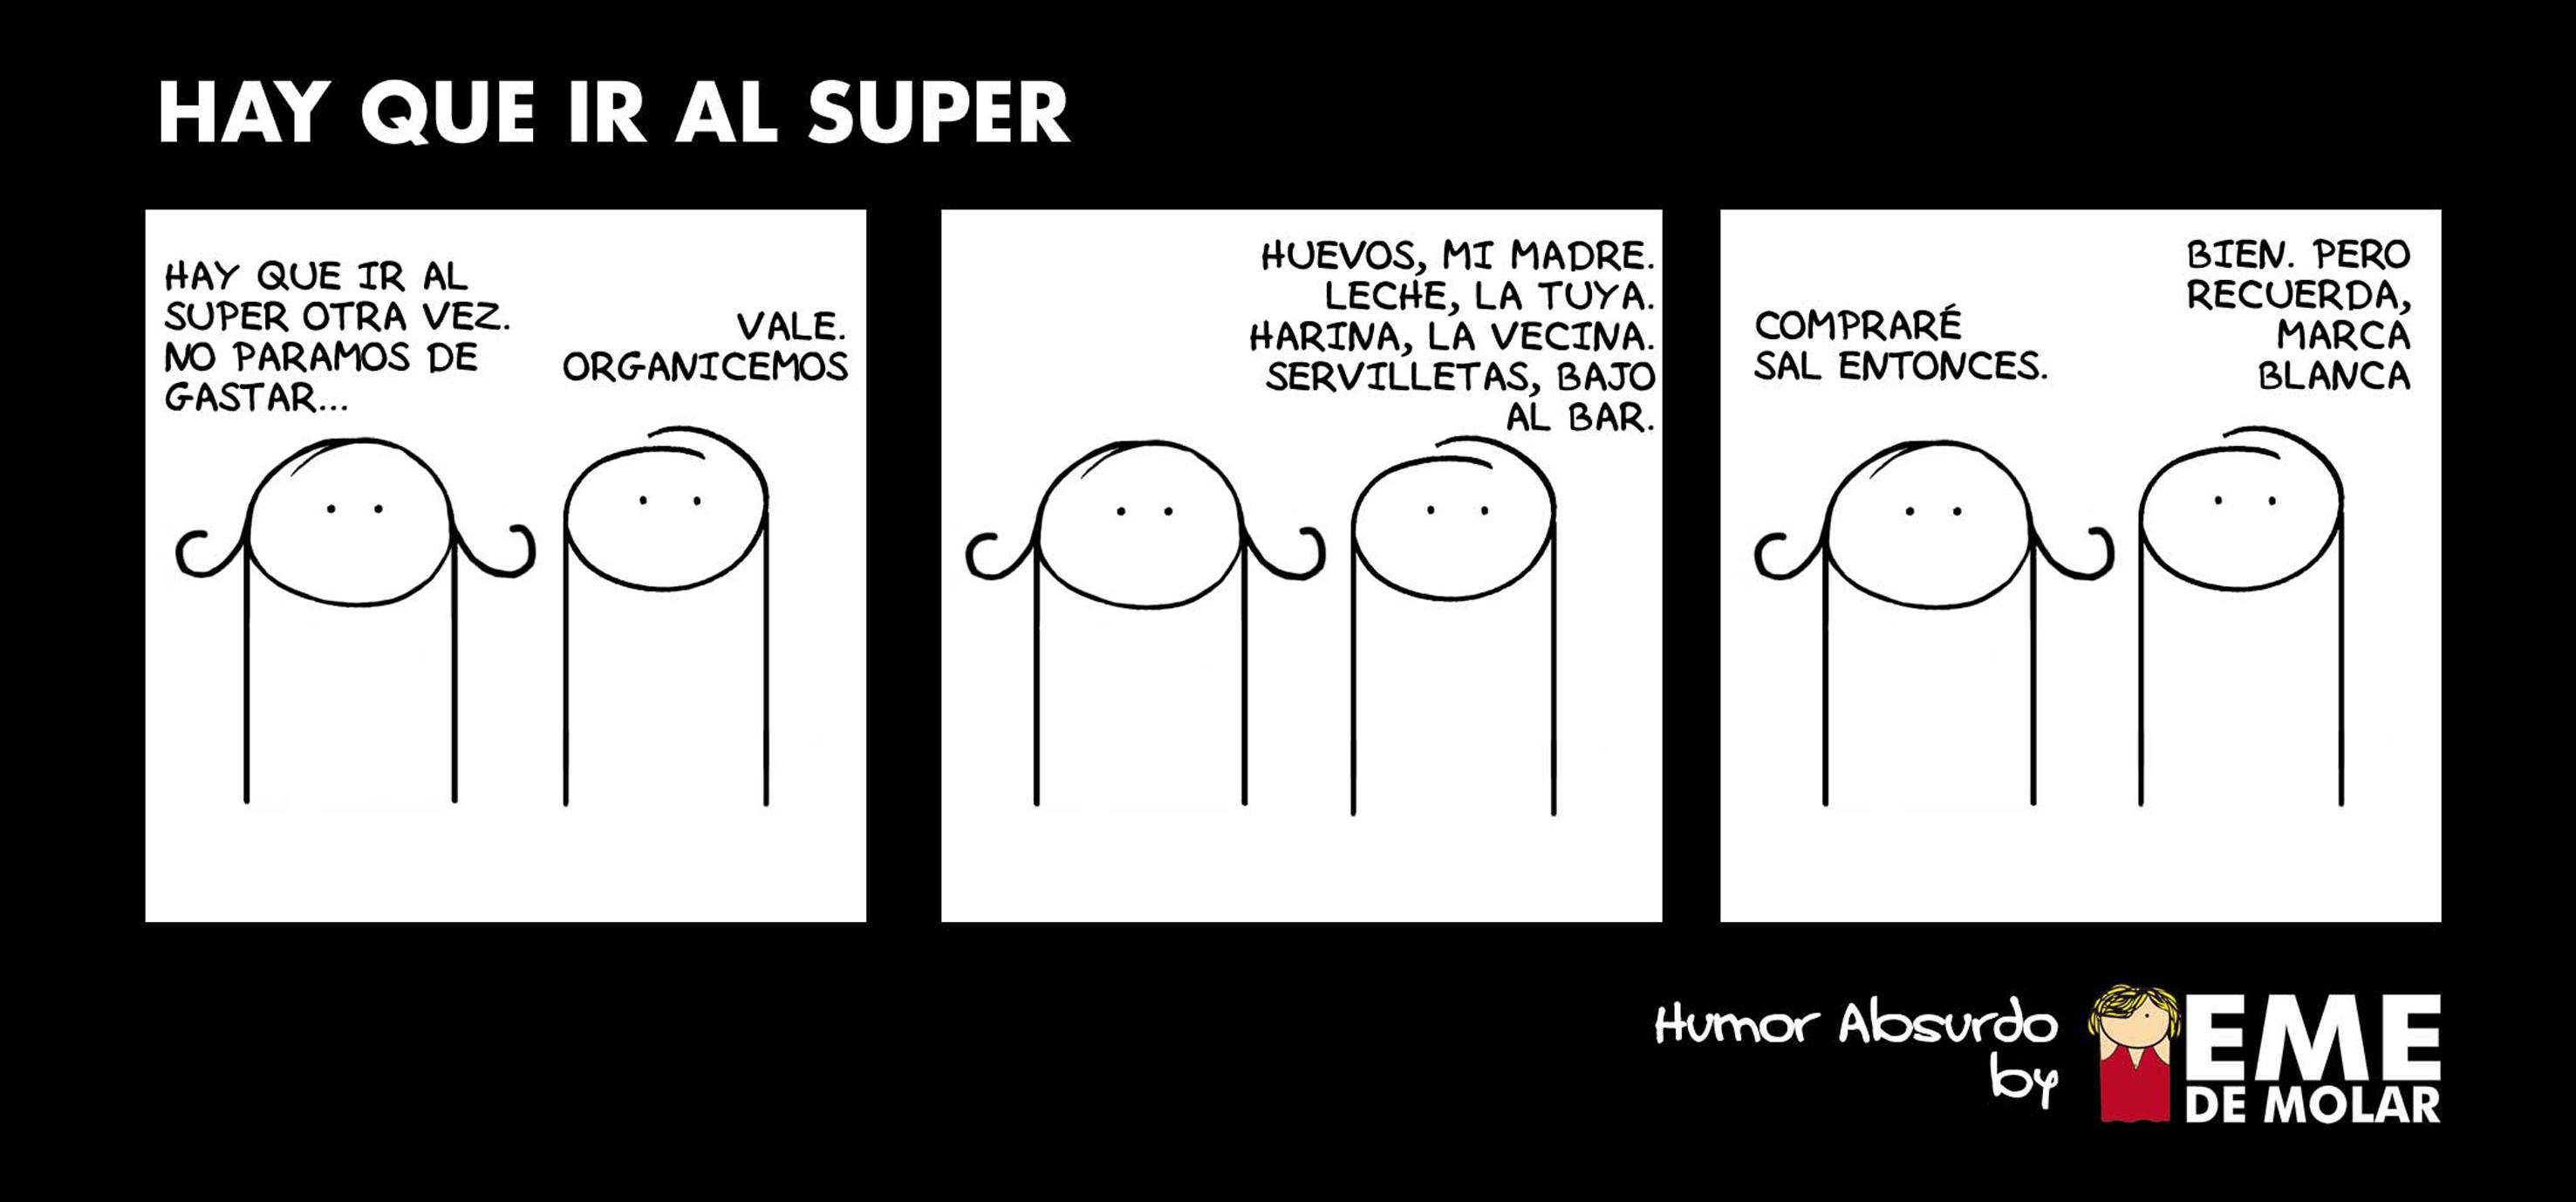 CRISIS-IR-AL-SUPER